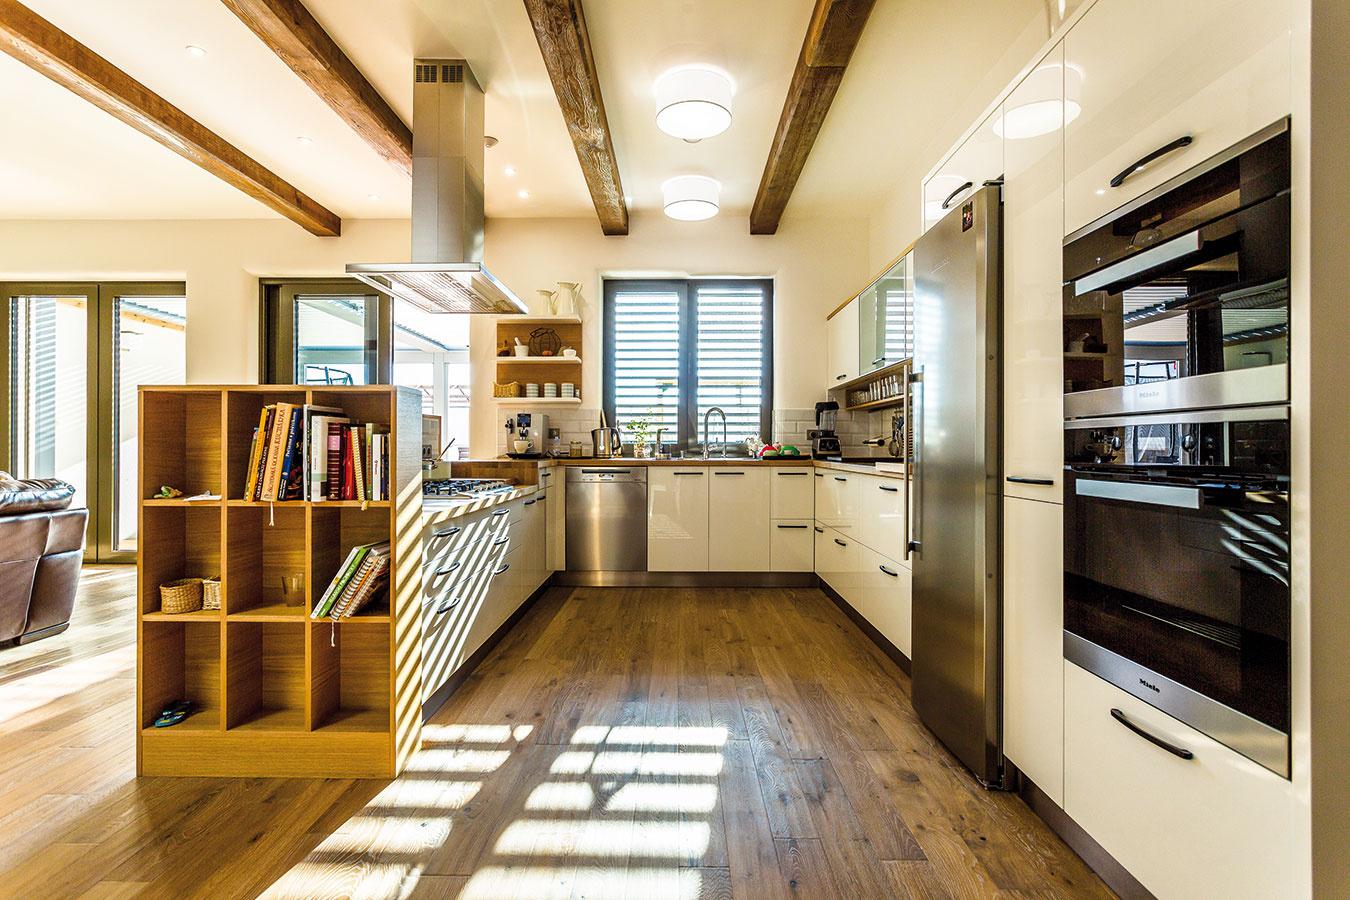 Neutrálne farby majitelia zachovali aj pri zariaďovaní kuchyne. Vďaka tomu prirodzene zapadla do jedného priestoru sobývacou izbou.